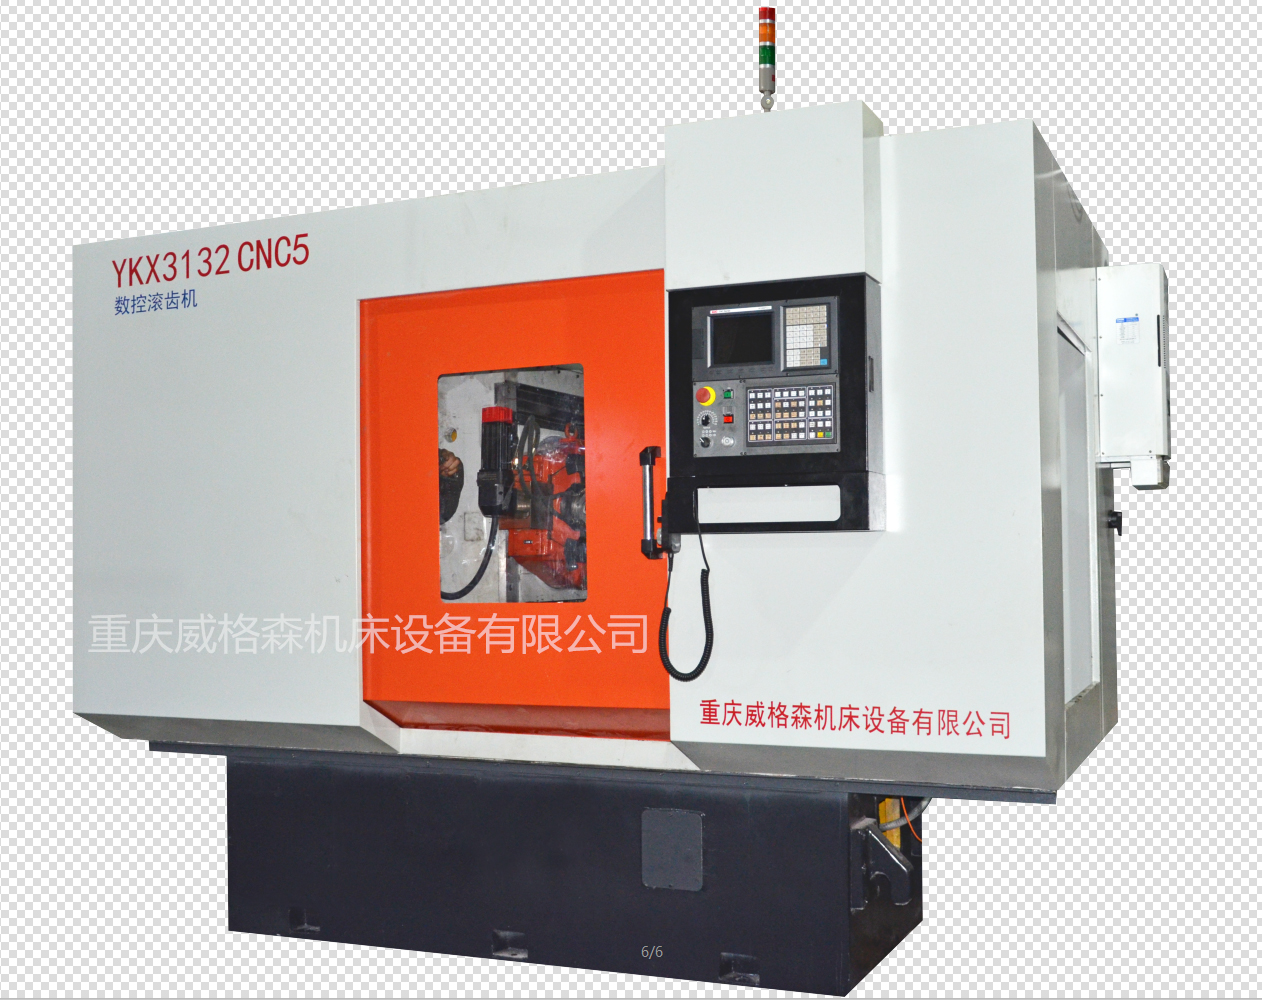 重庆YK3132CNC5数控滚齿机